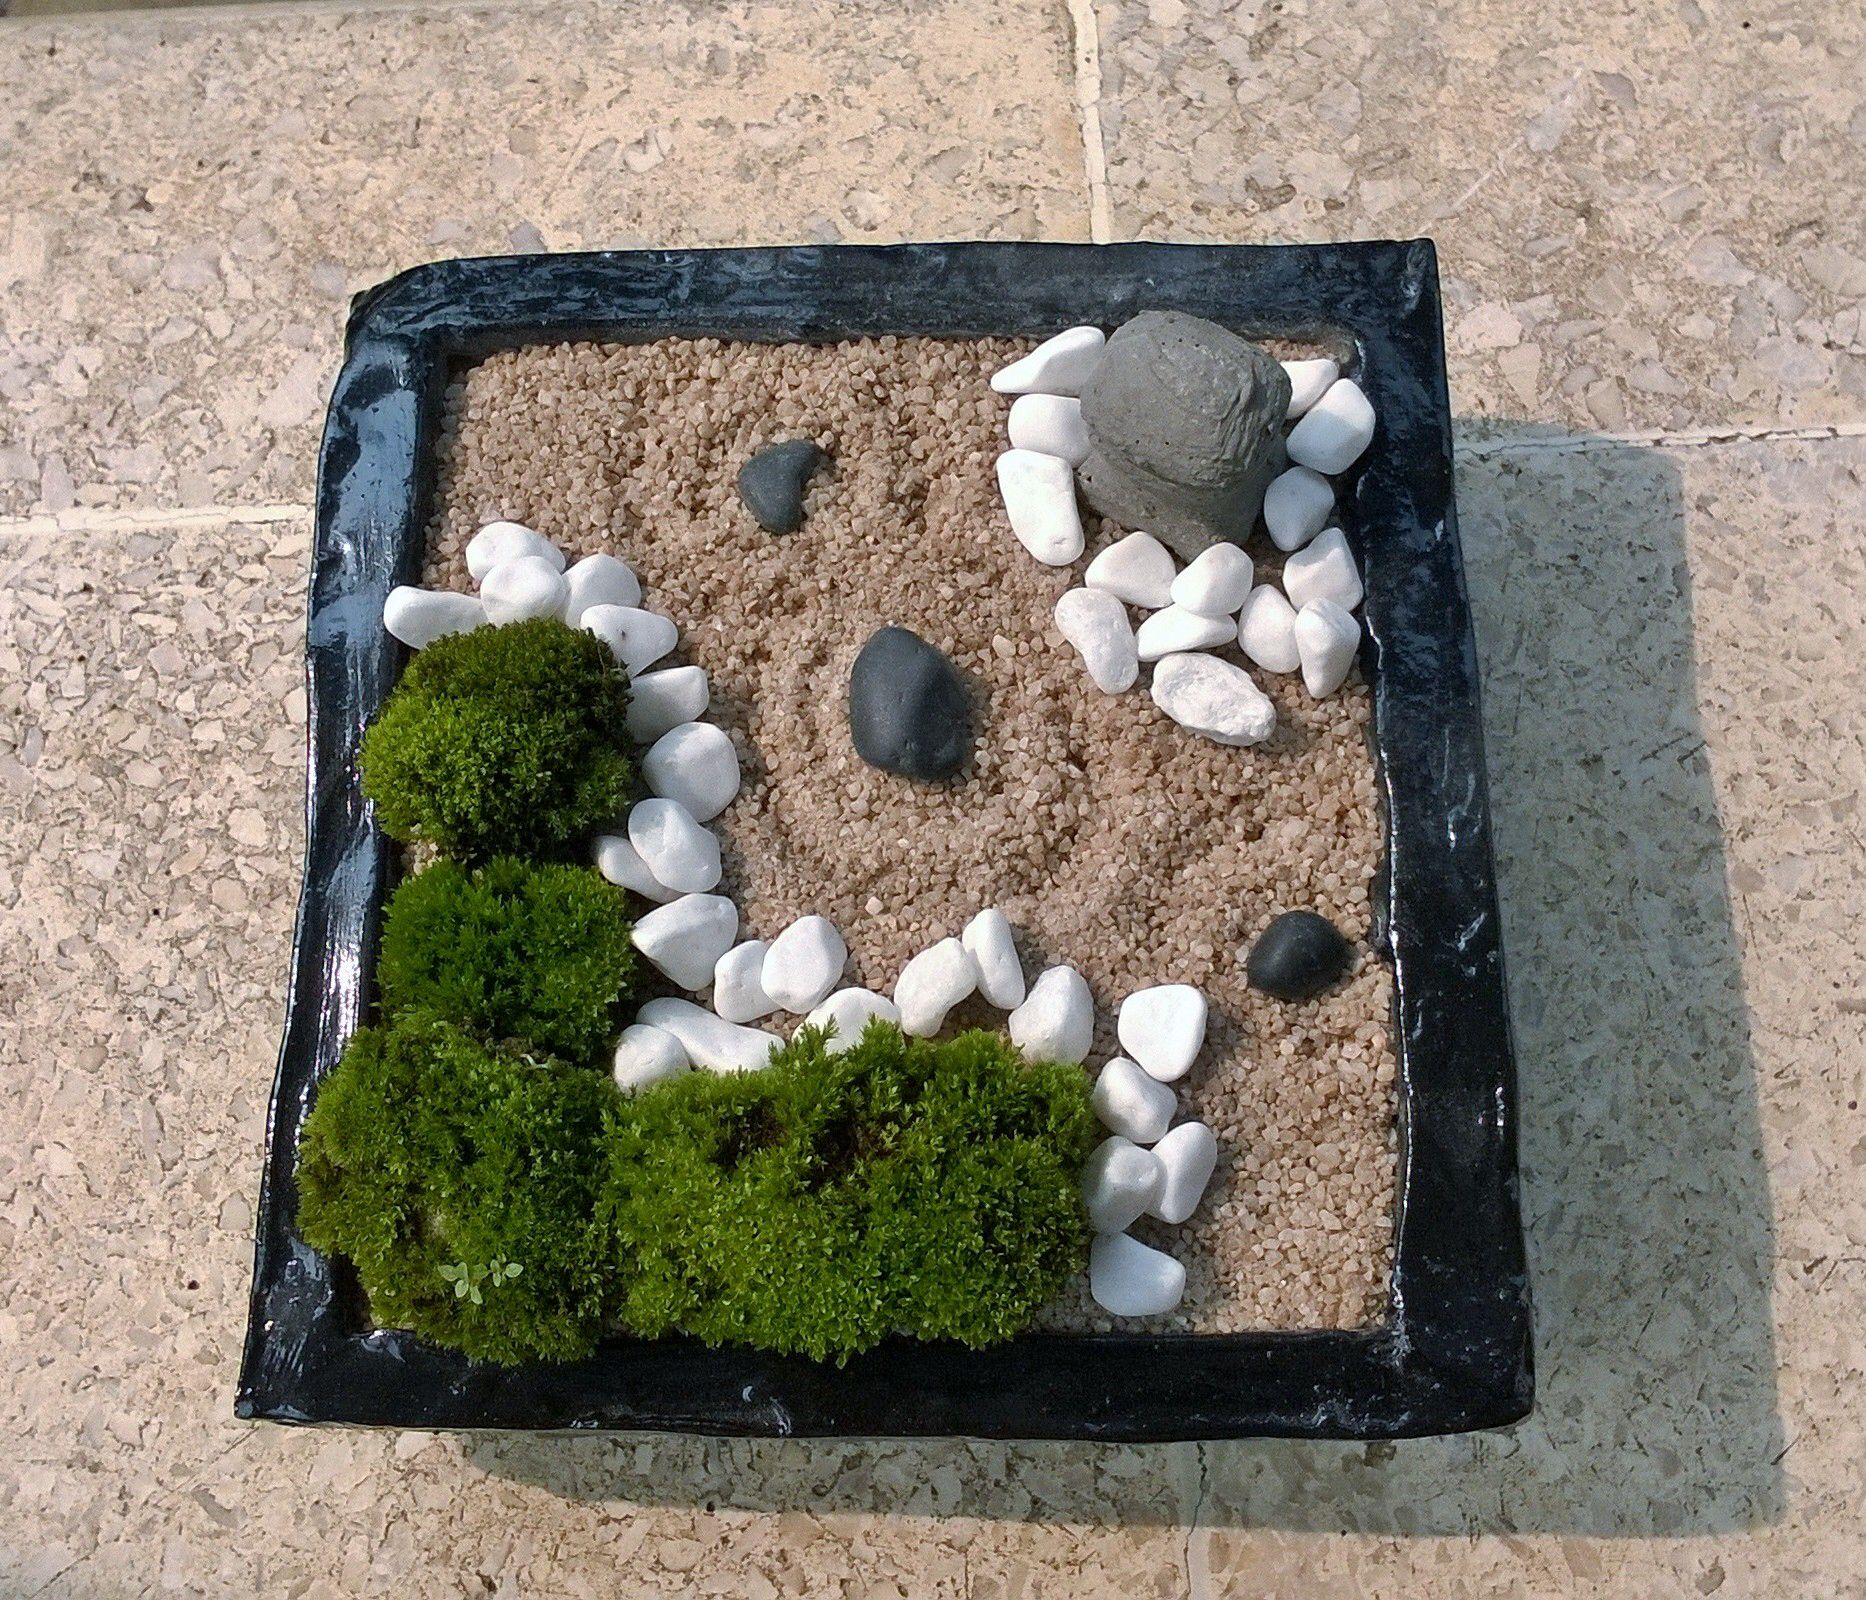 Diy miniature zen garden w nature moss cream sand white stones zen garden inspiration - Zen garten miniatur ...